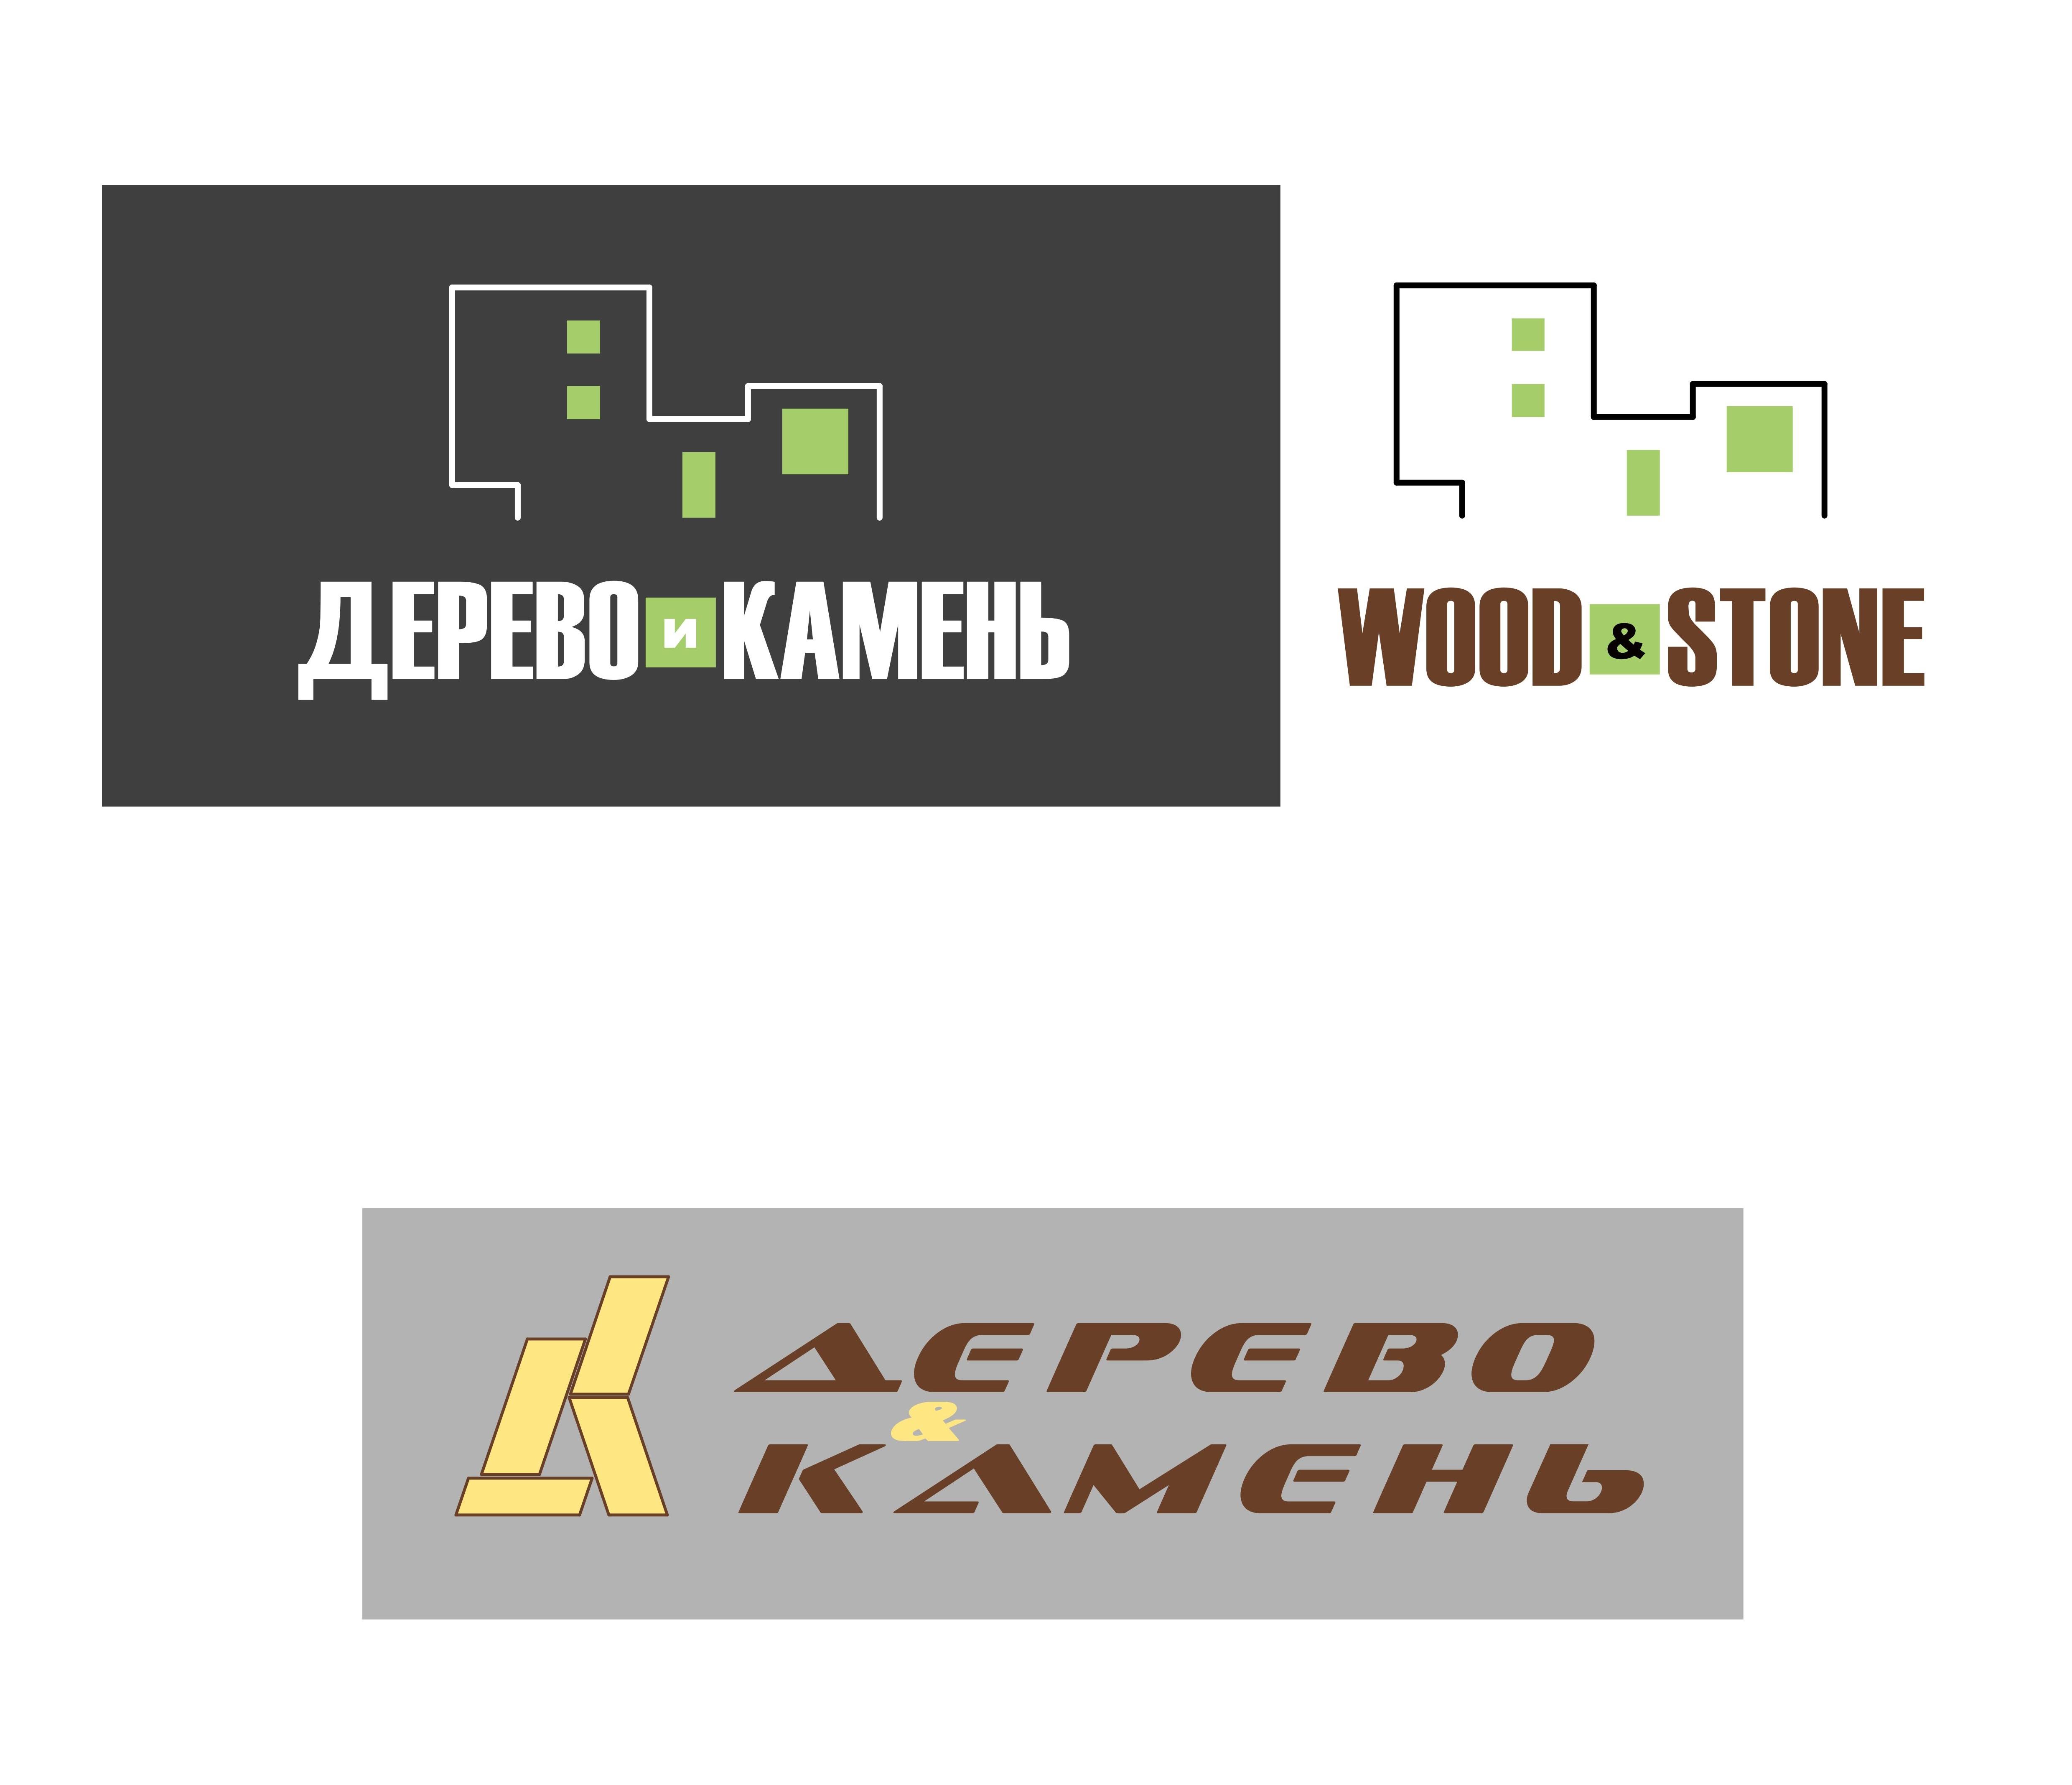 Логотип и Фирменный стиль фото f_55854a9a2c4f0c4b.jpg